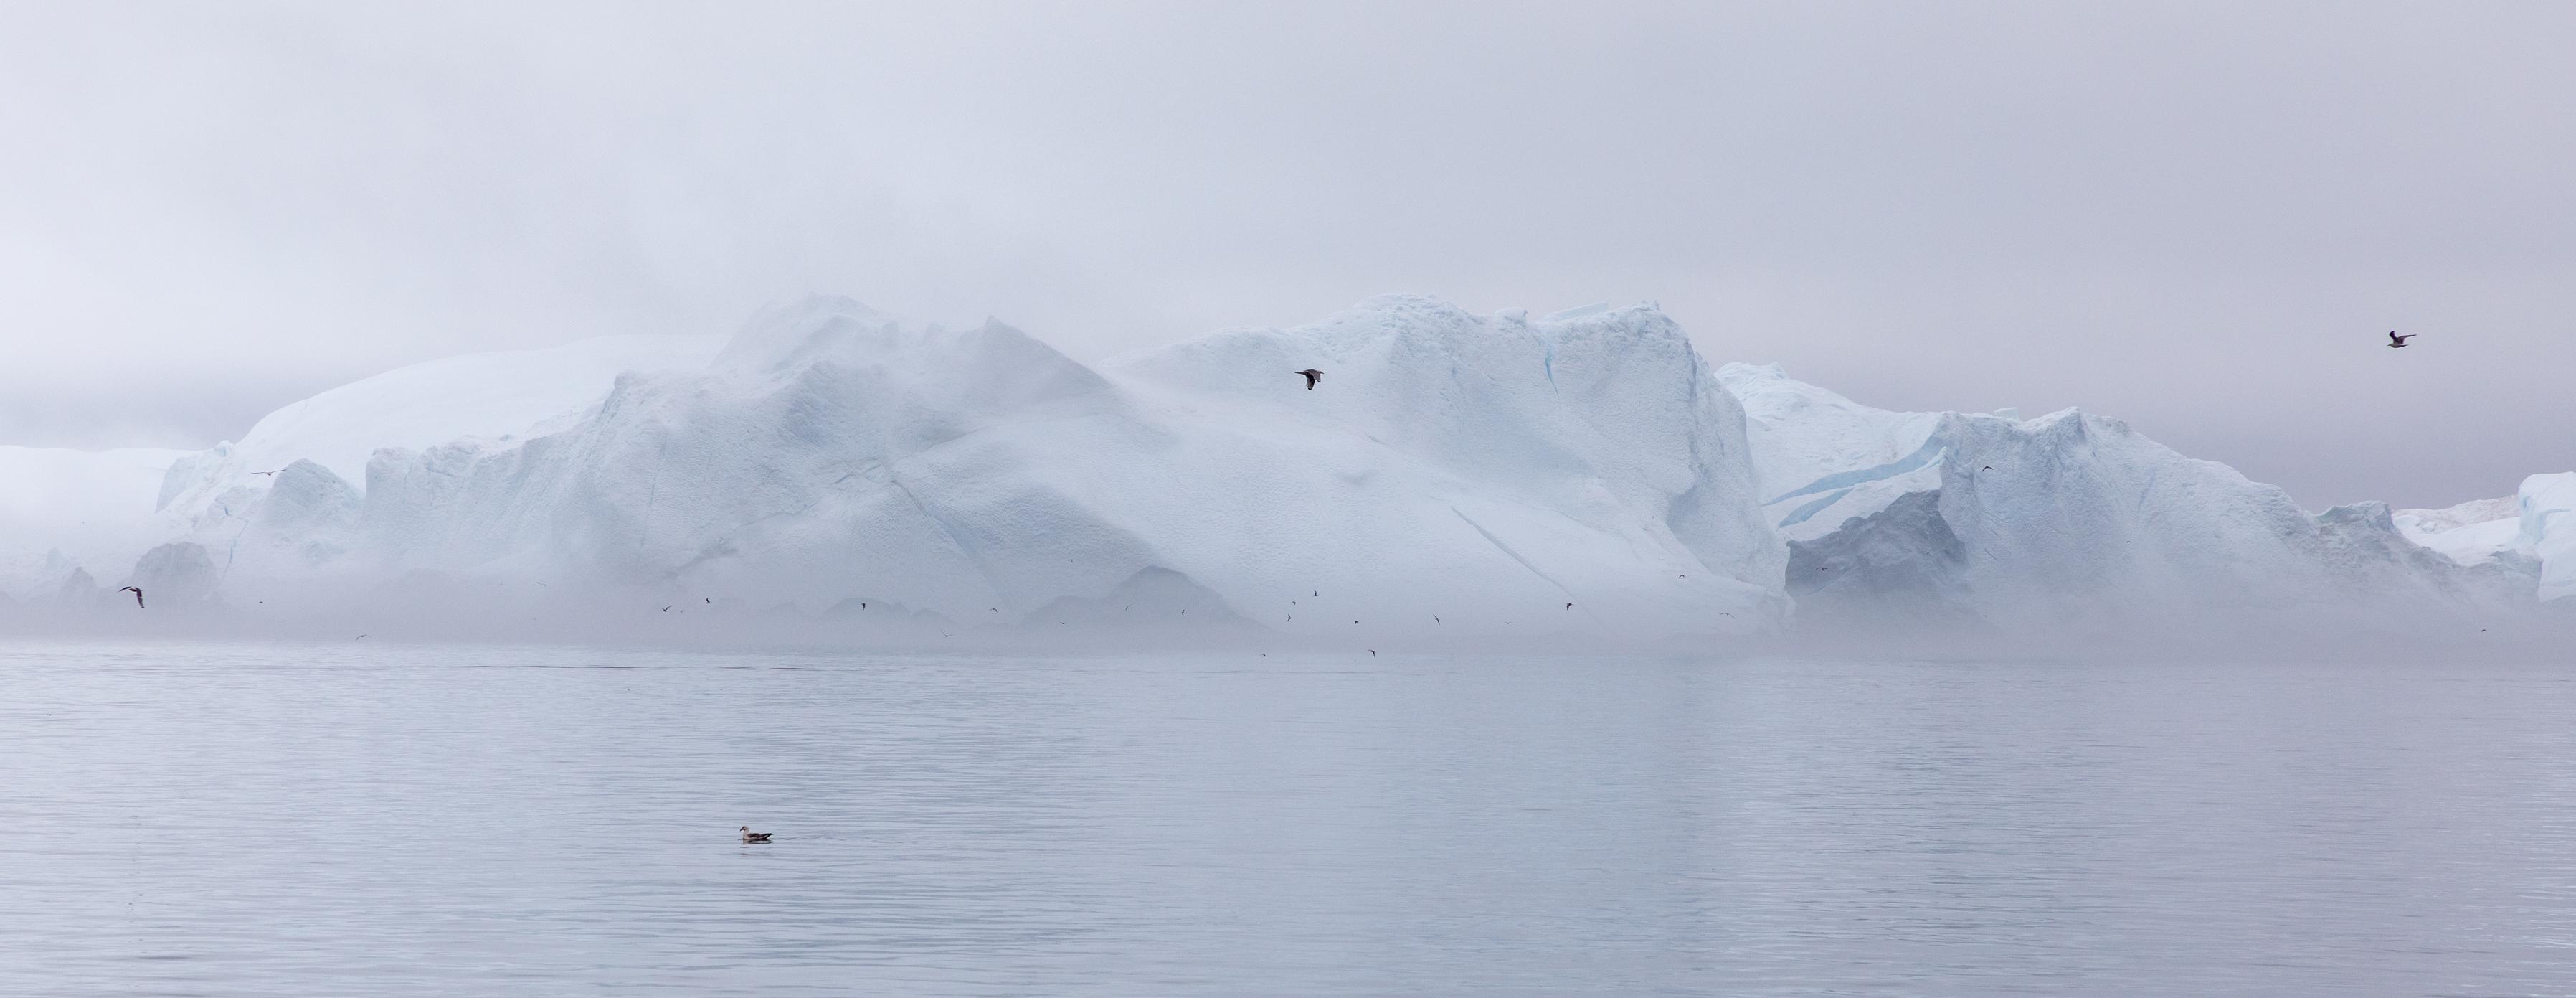 A classic Greenland glacier